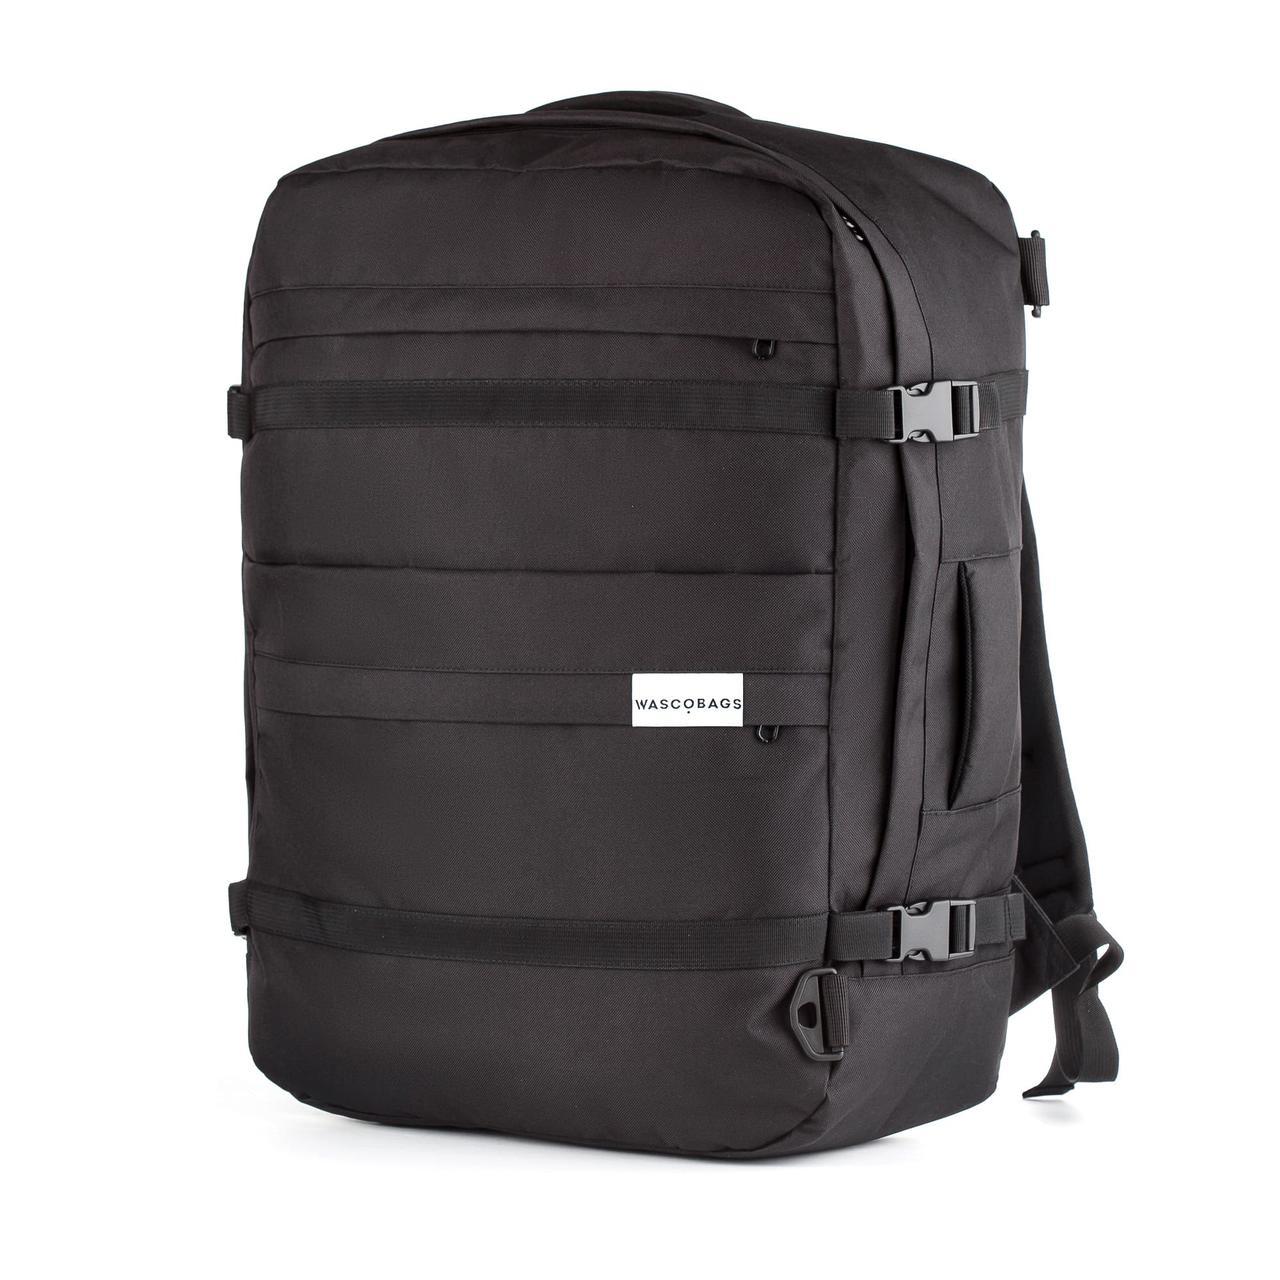 Ручная кладь рюкзак чемодан WASCOBAGS 55x40x20 см. Traveller Black черный